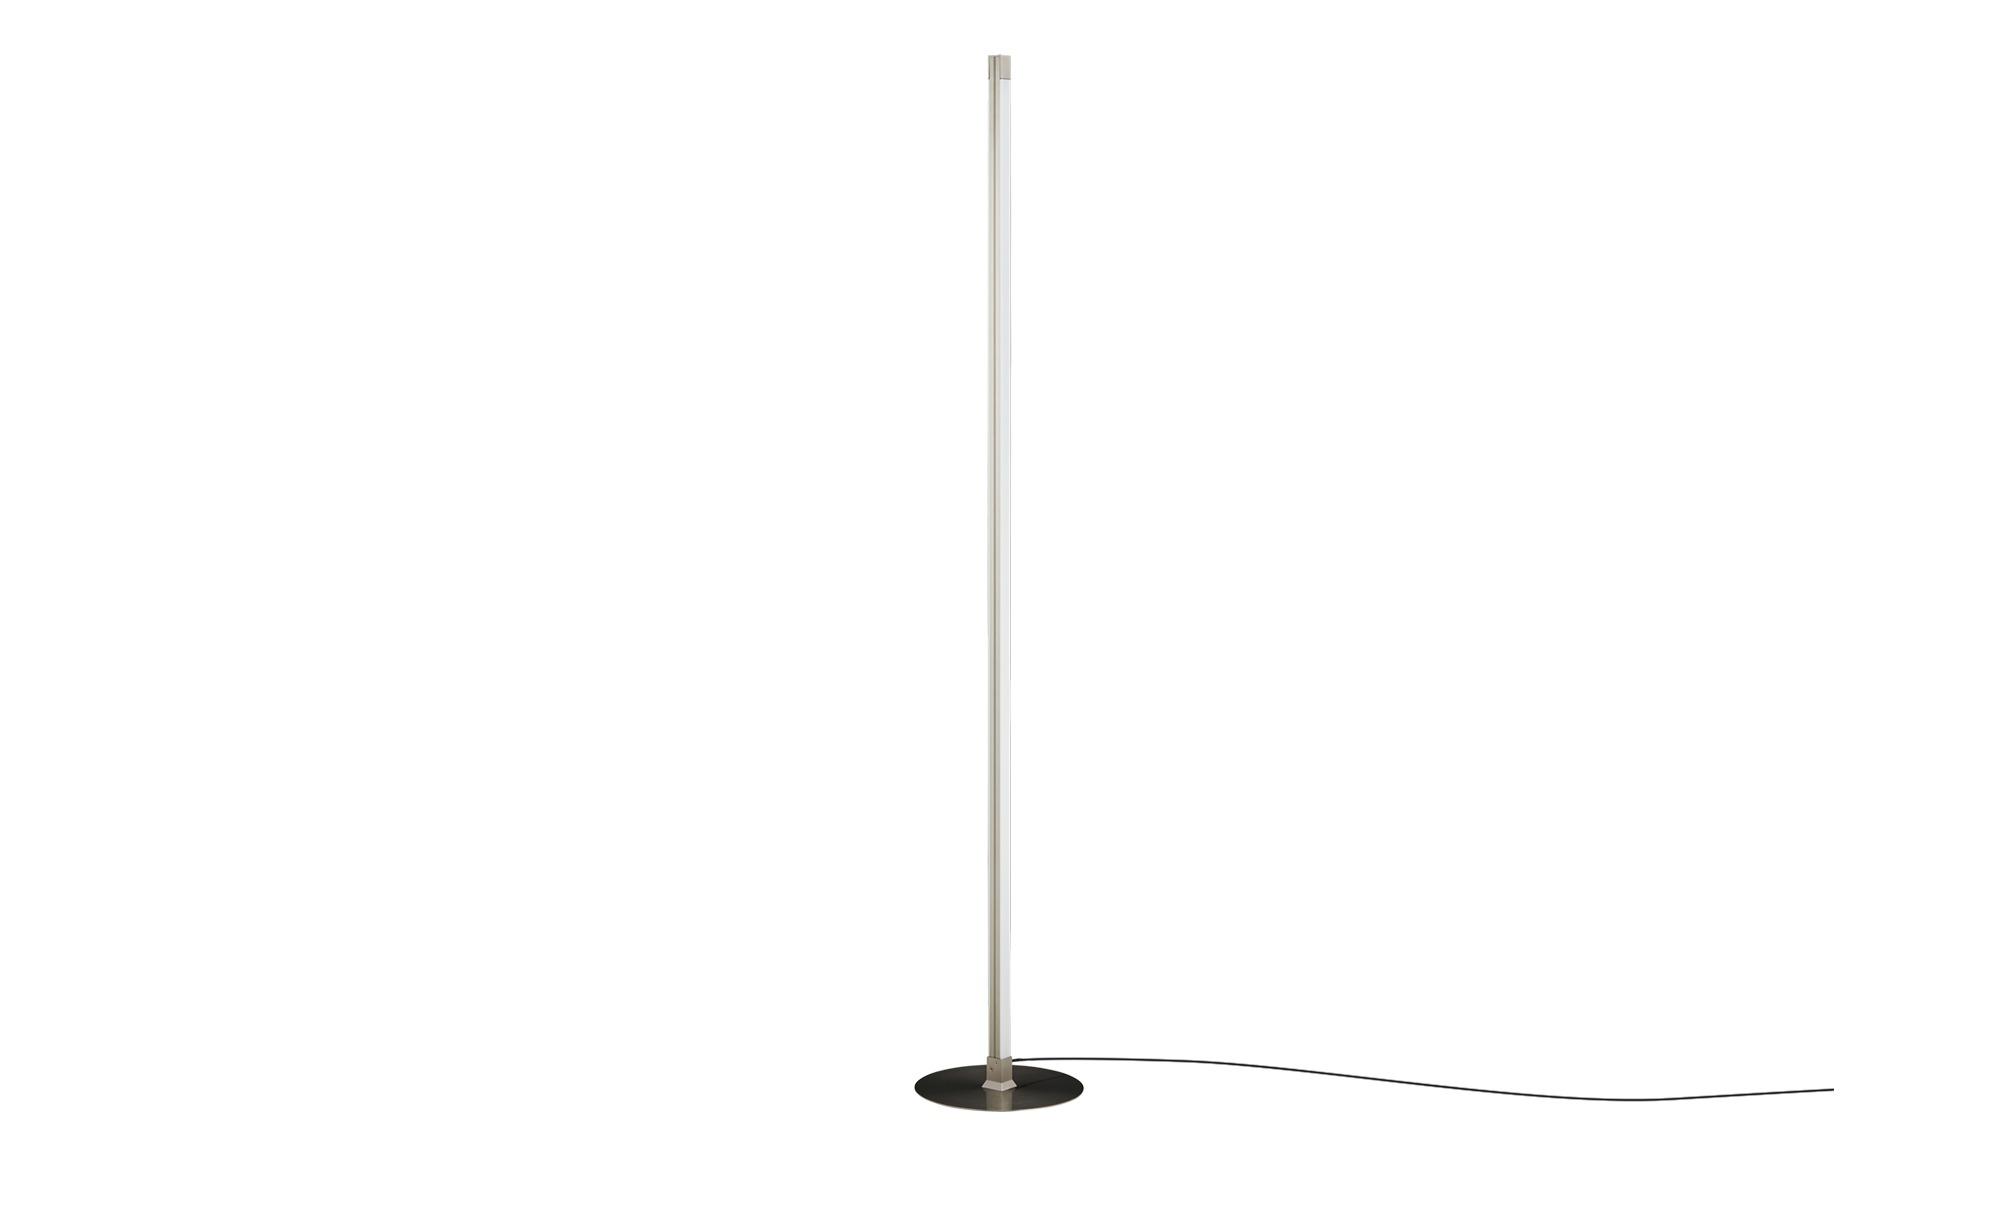 KHG LED-Stehleuchte, 2-flammig, Nickel-matt ¦ silber ¦ Maße (cm): B: 24,5 H: 149 Lampen & Leuchten > Innenleuchten > Stehlampen - Höffner